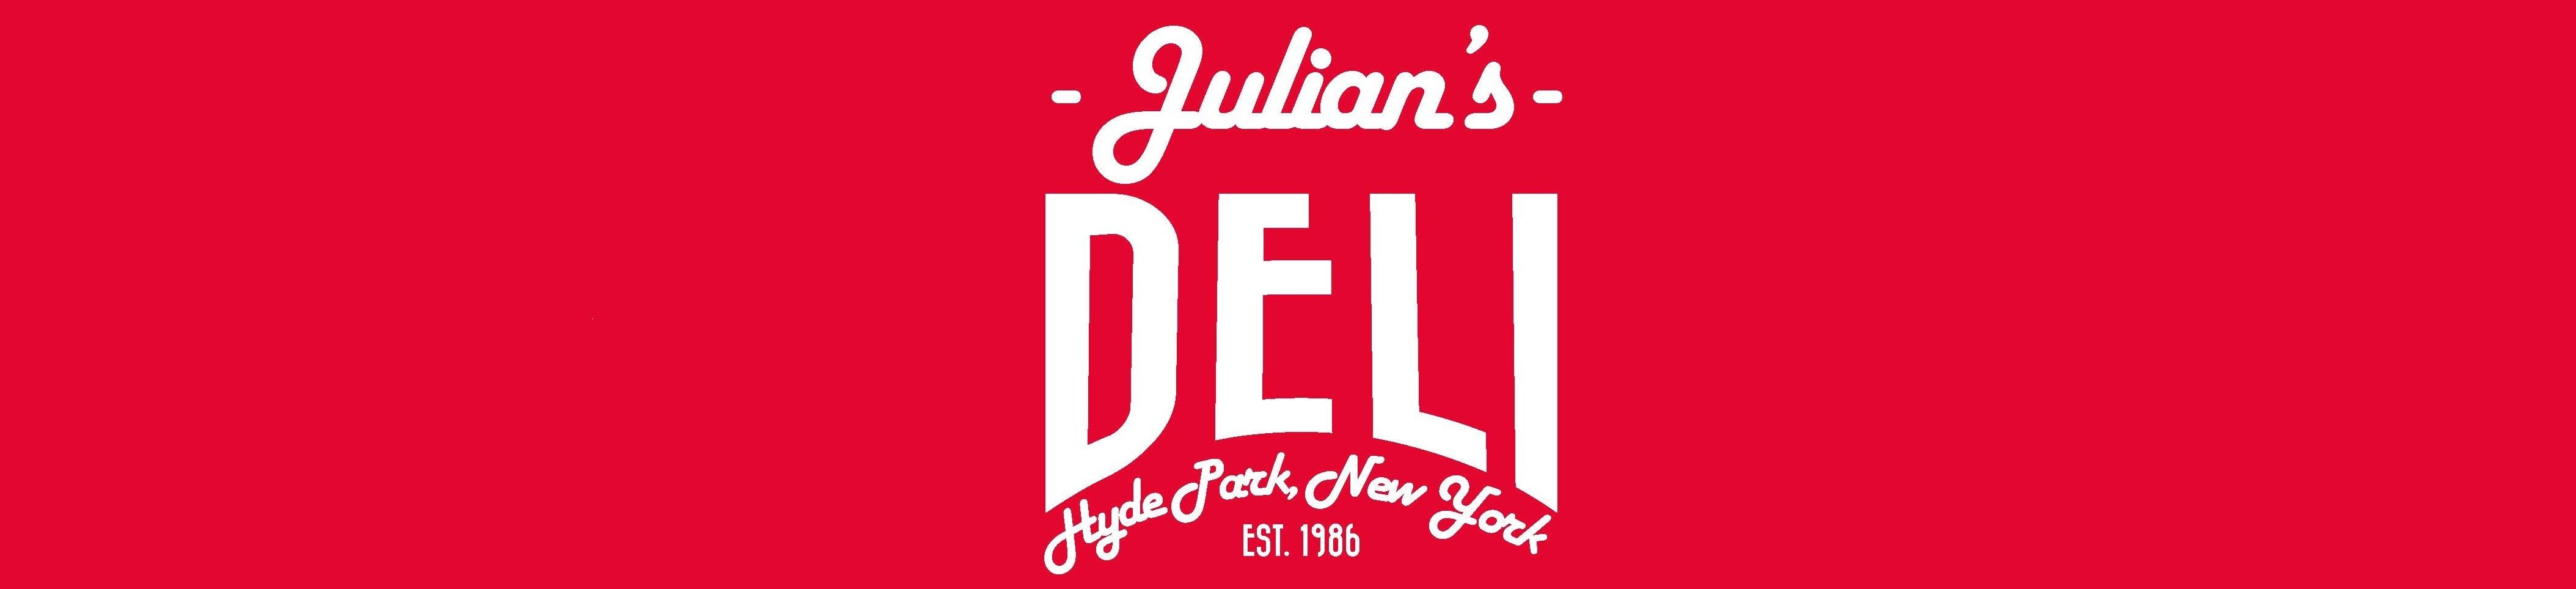 Julians-Deli-Logo-4-wide